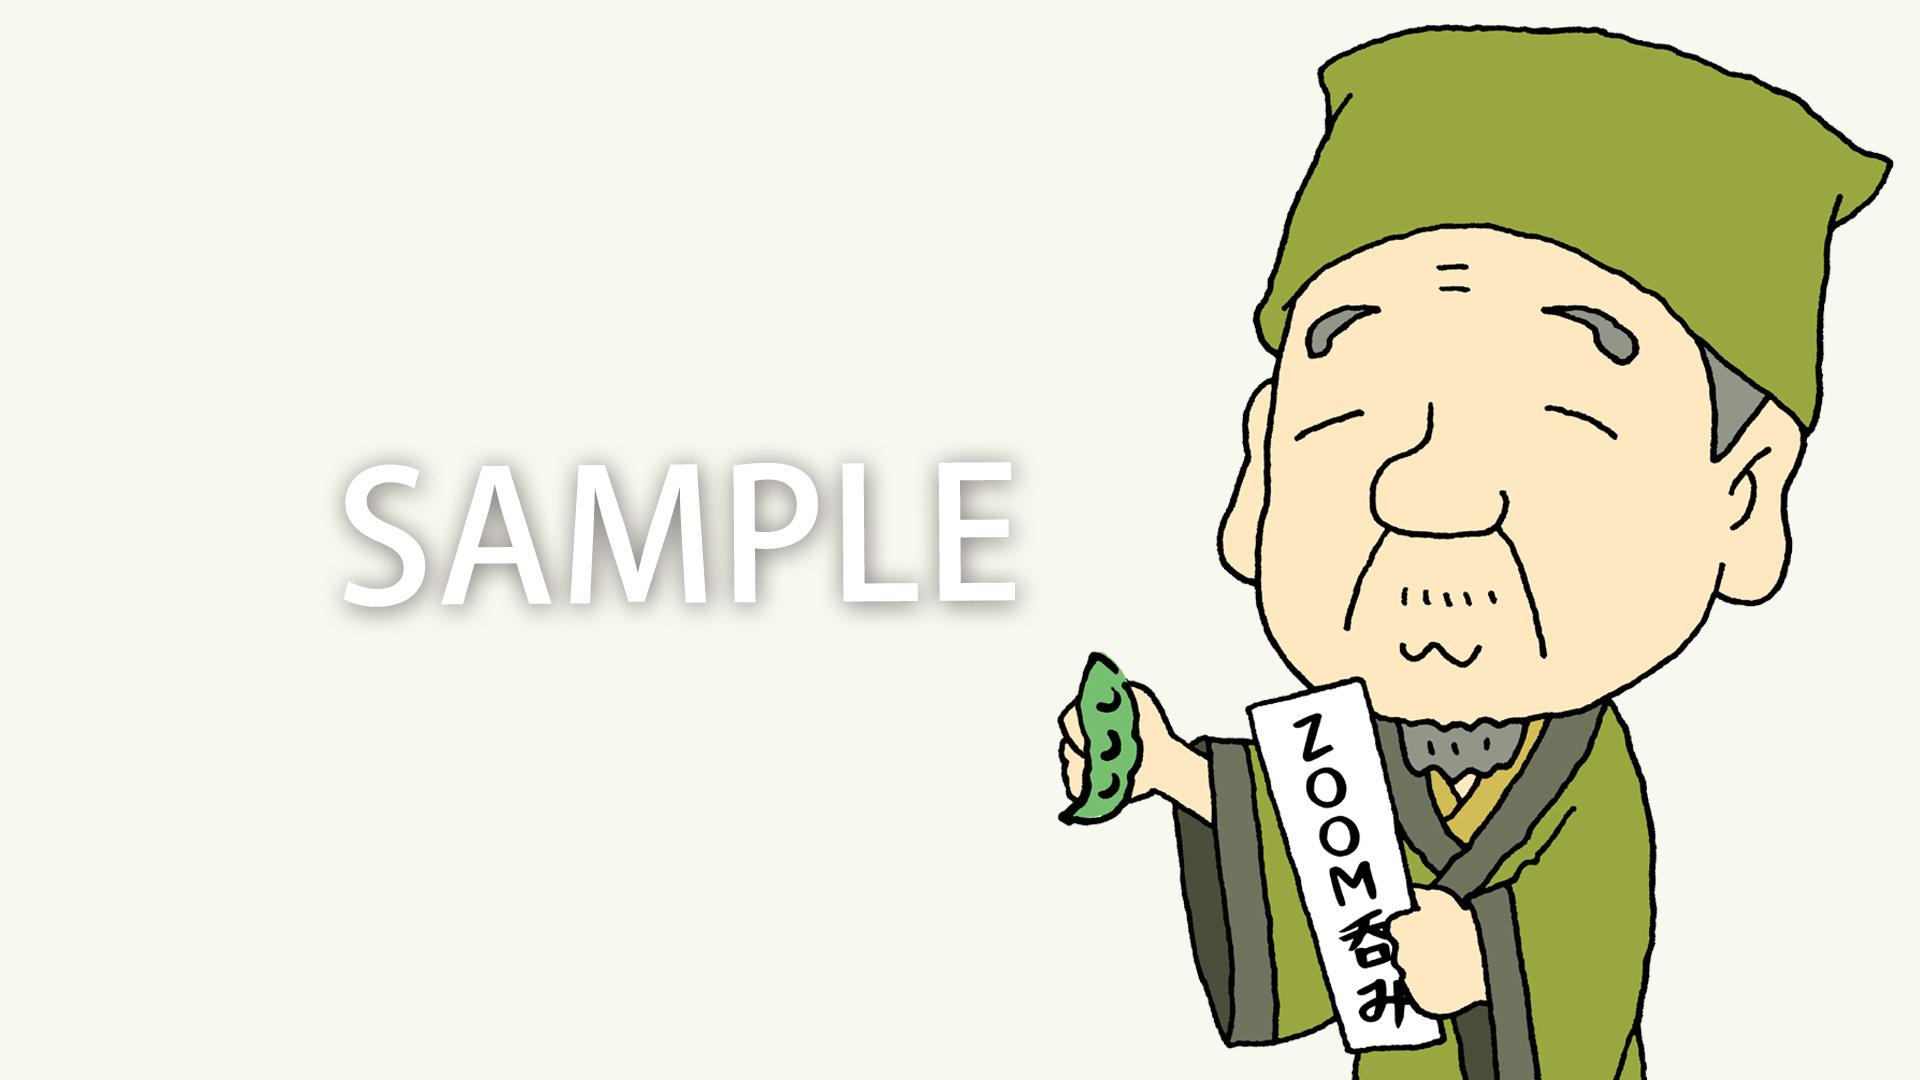 歴史好き・キャラ好きのためのバーチャル背景は、松尾芭蕉で決まり!